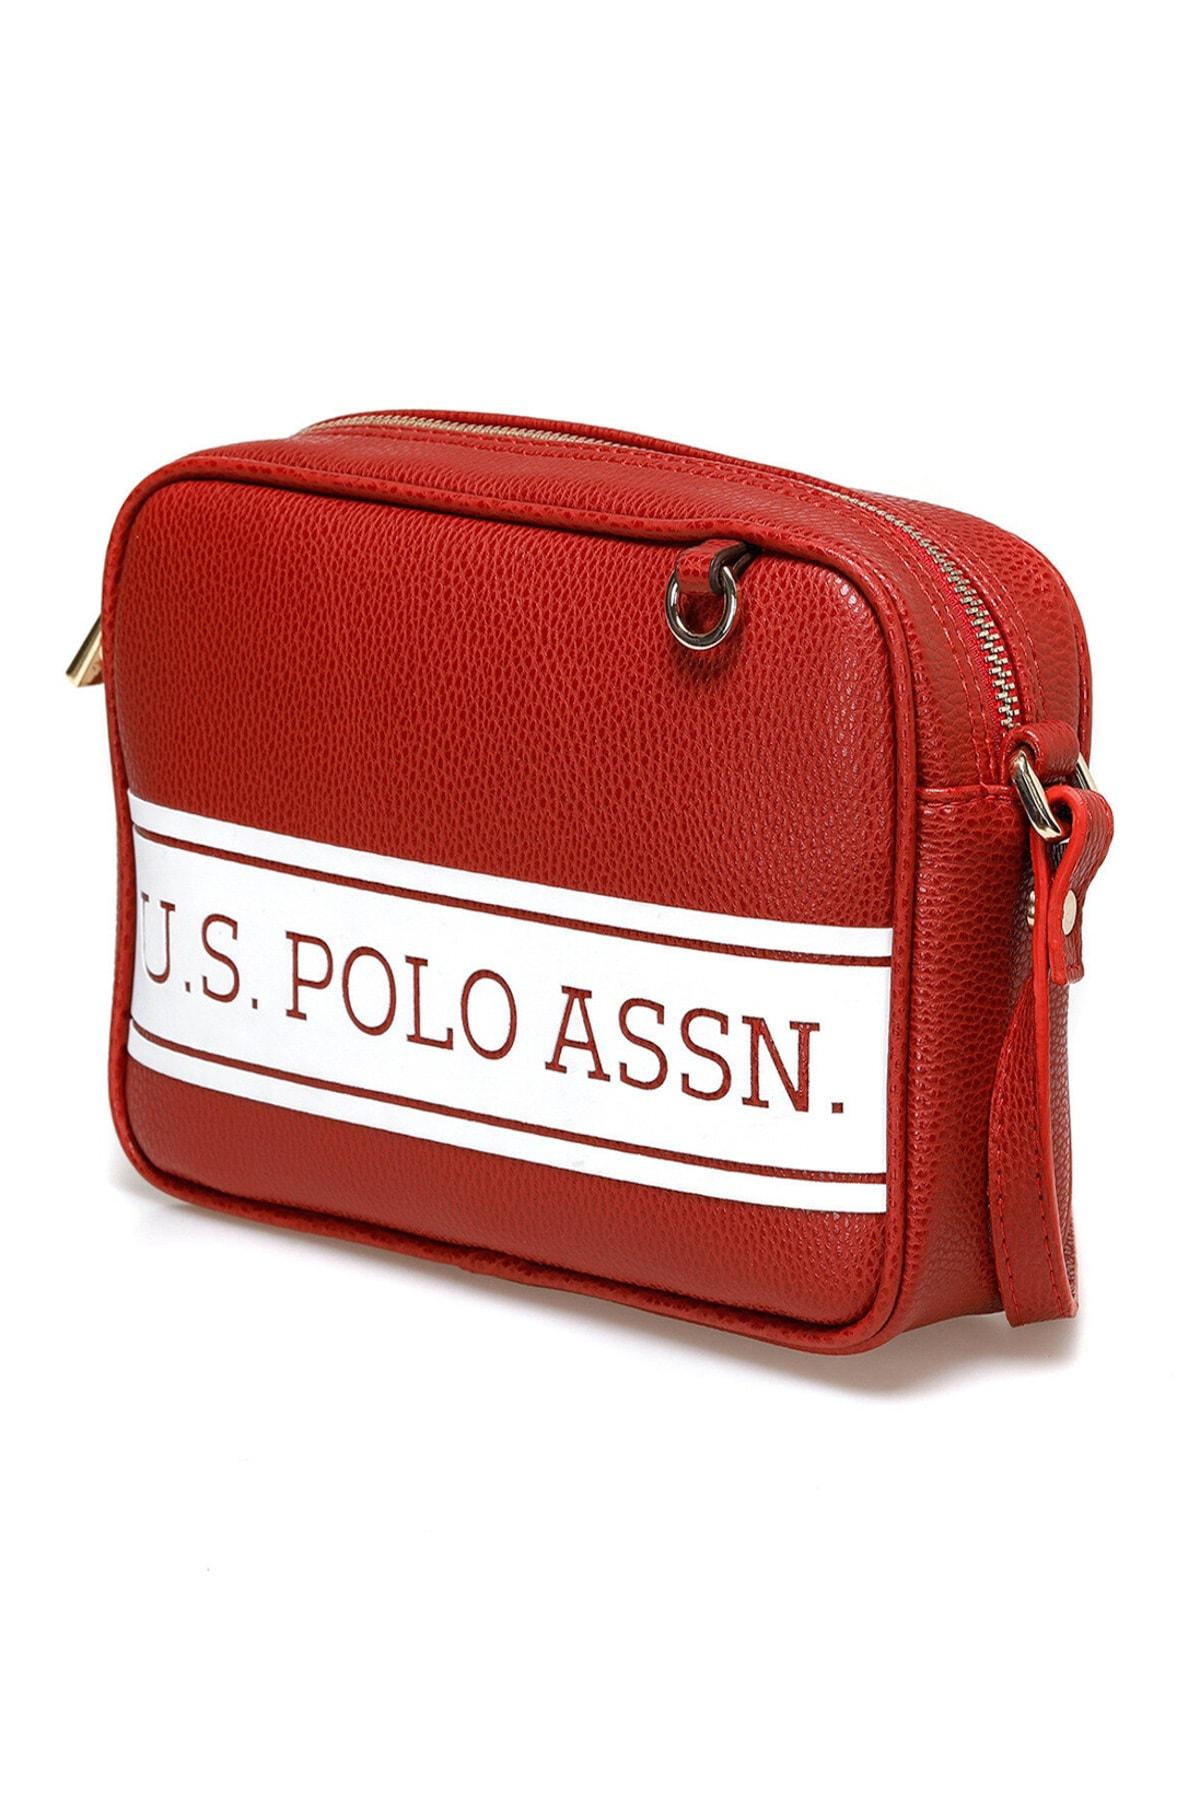 U.S. Polo Assn. Kırmızı Kadın Omuz Çantası US20266 2